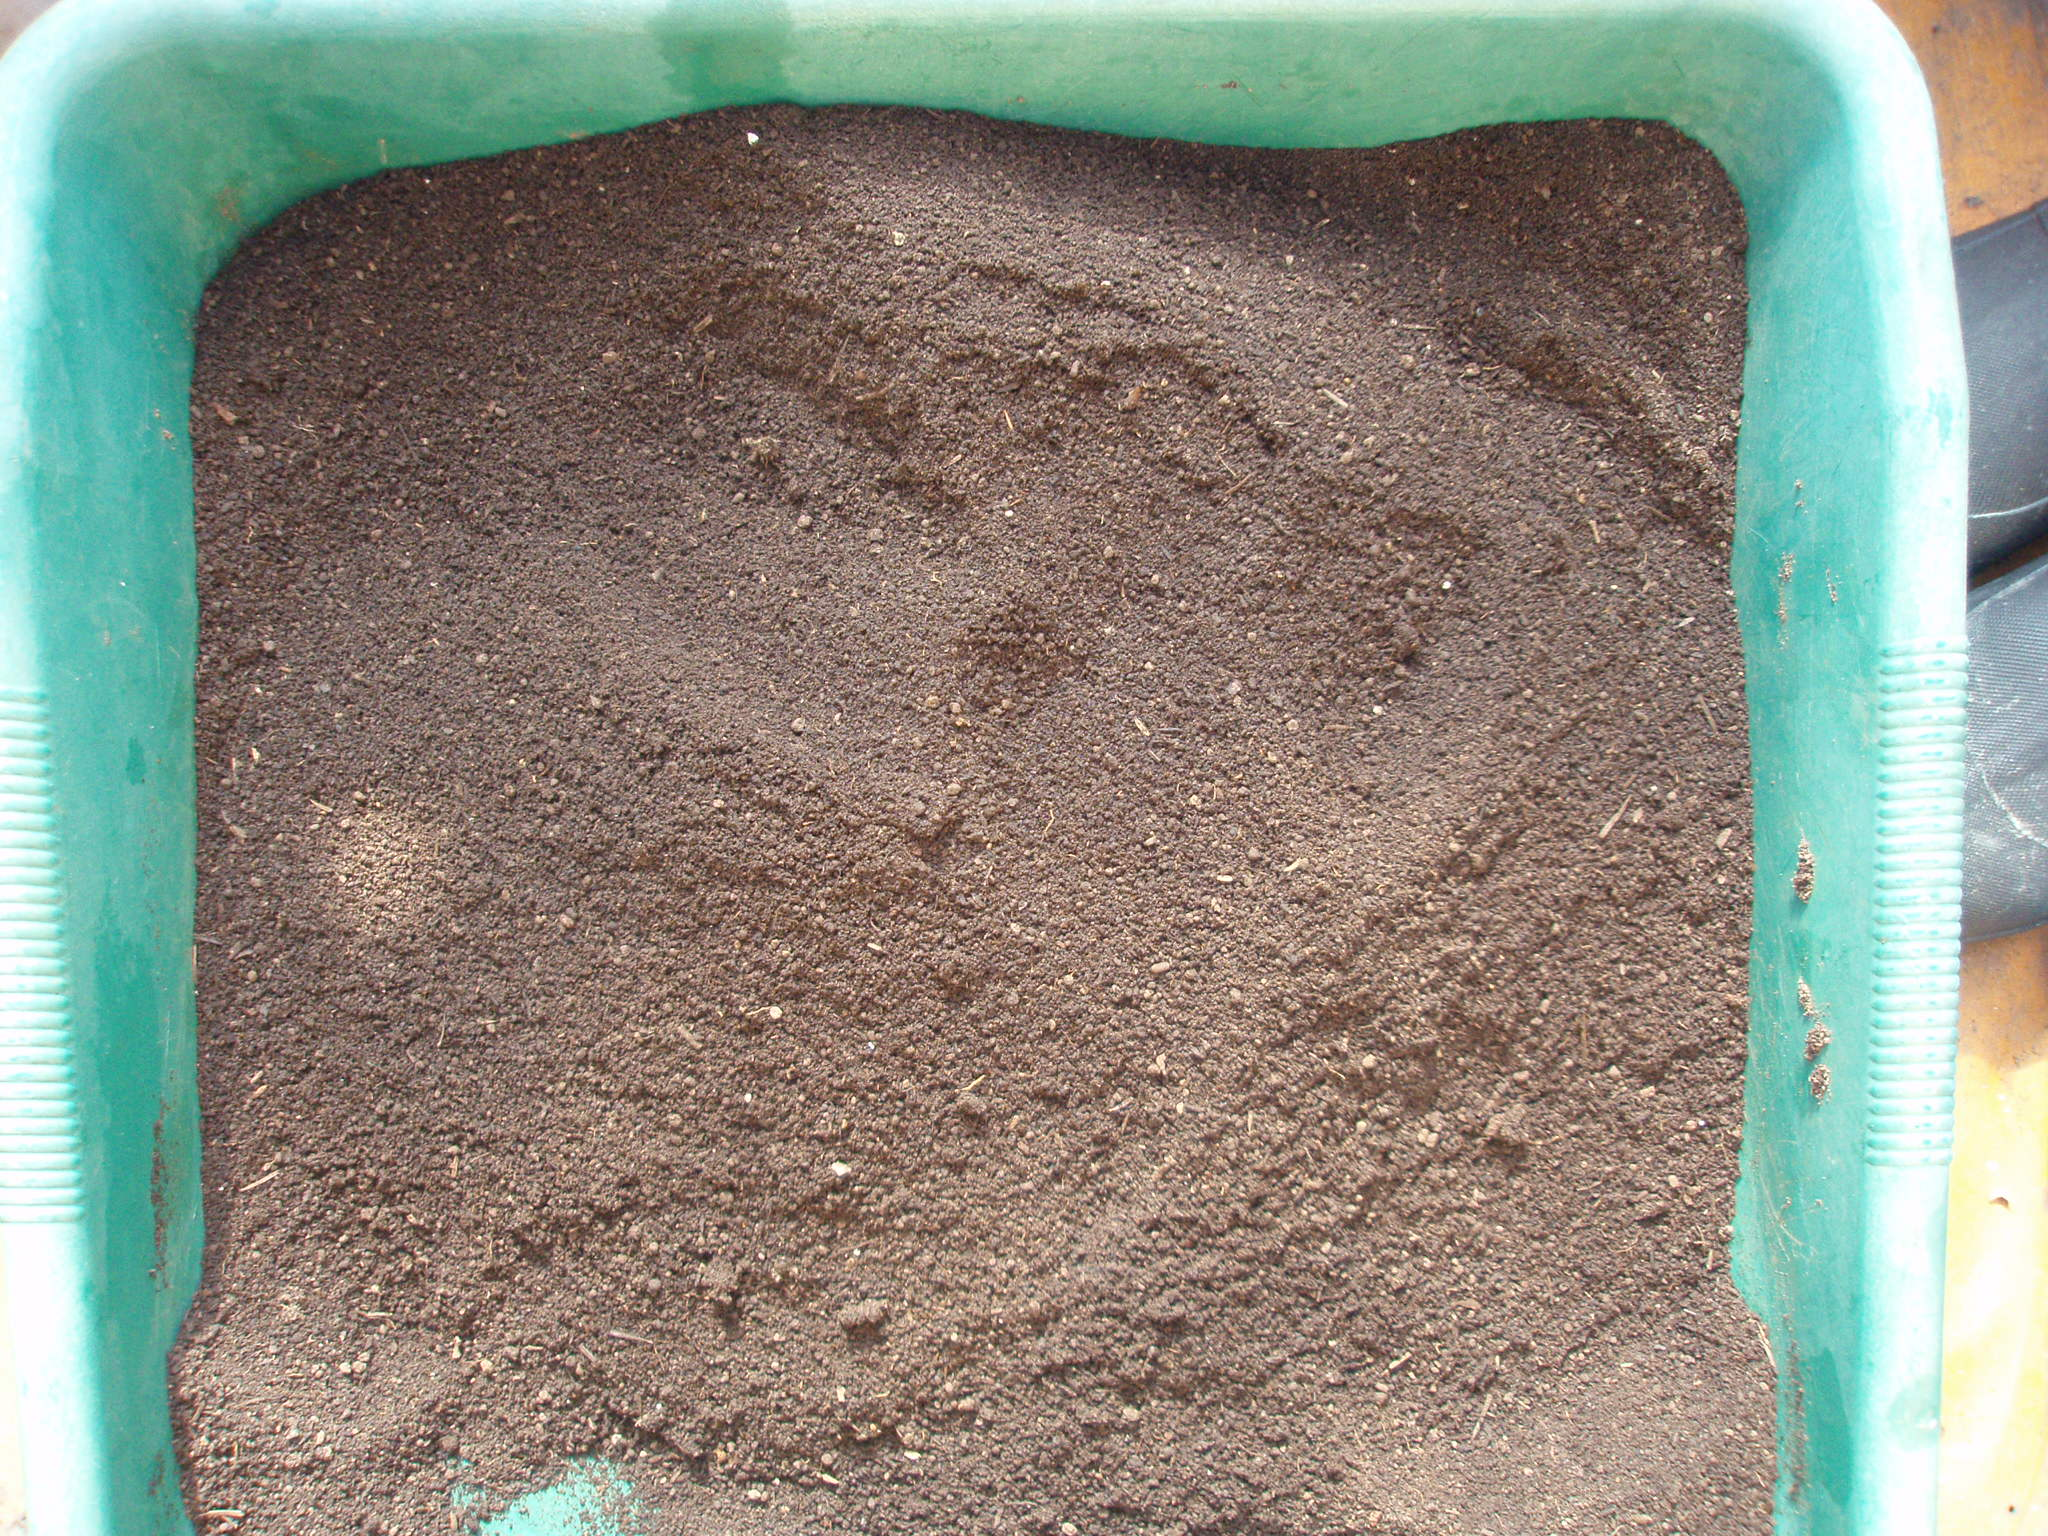 完成した培養土です。この土が苗作り用の土となります。 プラグトレイの底から土がこぼれ落ちないよう